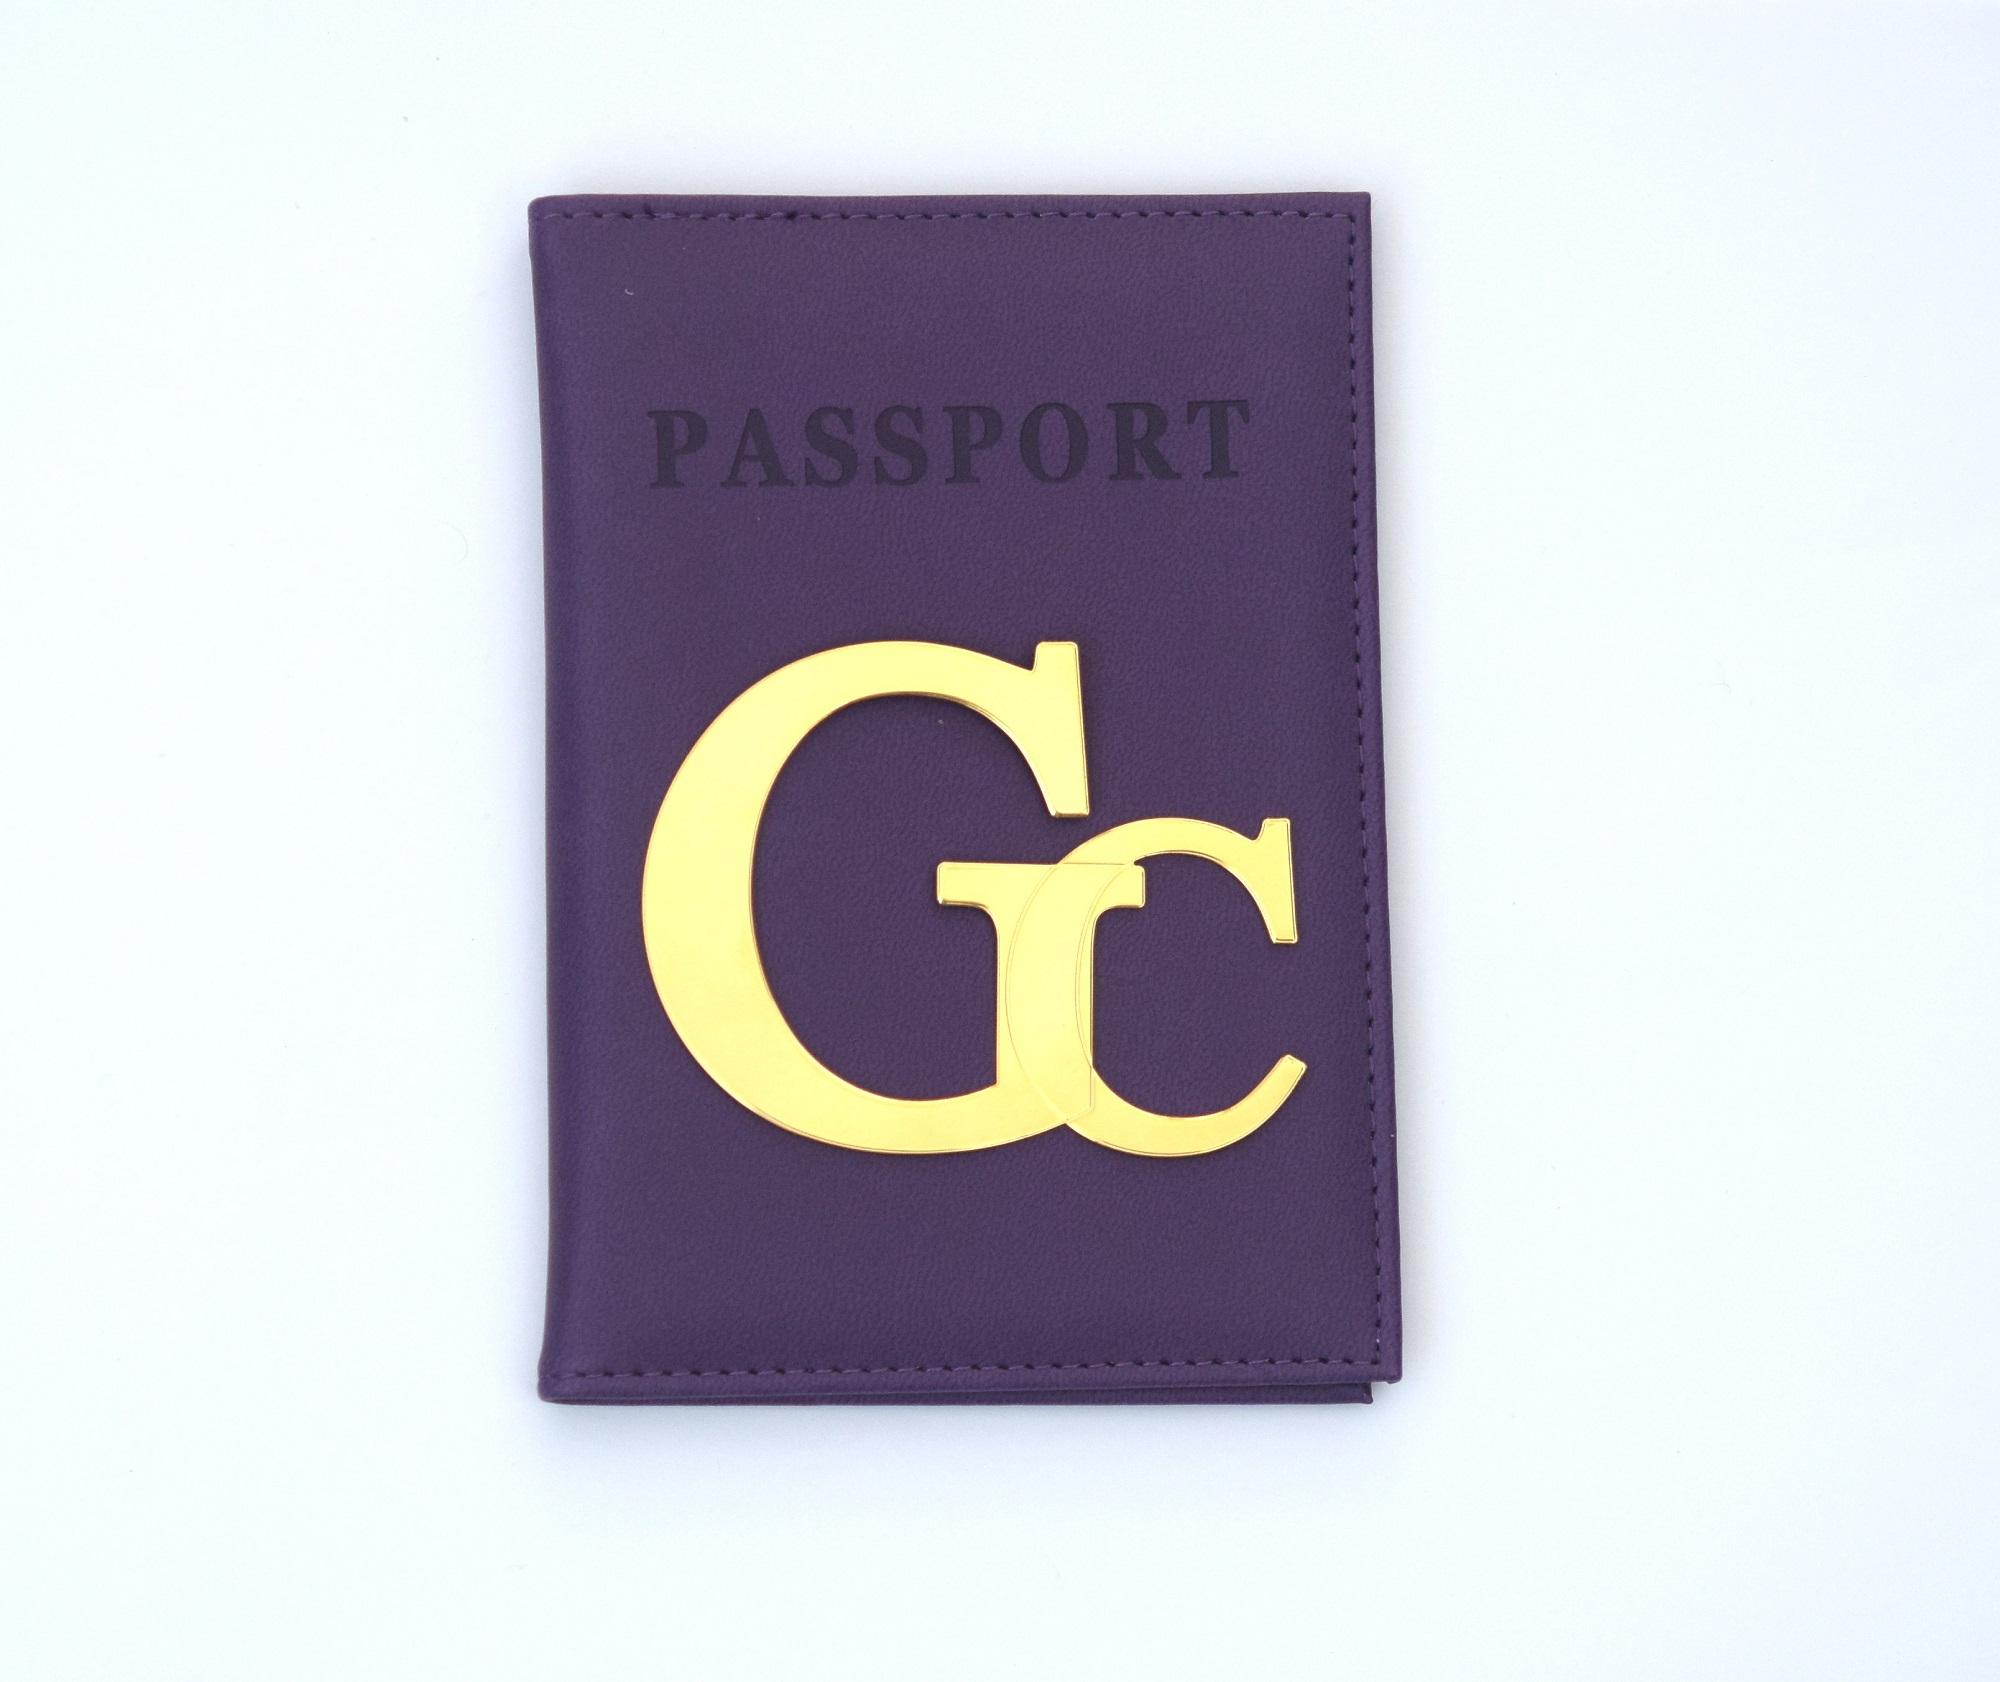 כיסוי לדרכון דמוי עור סגול עם אותיות גדולות